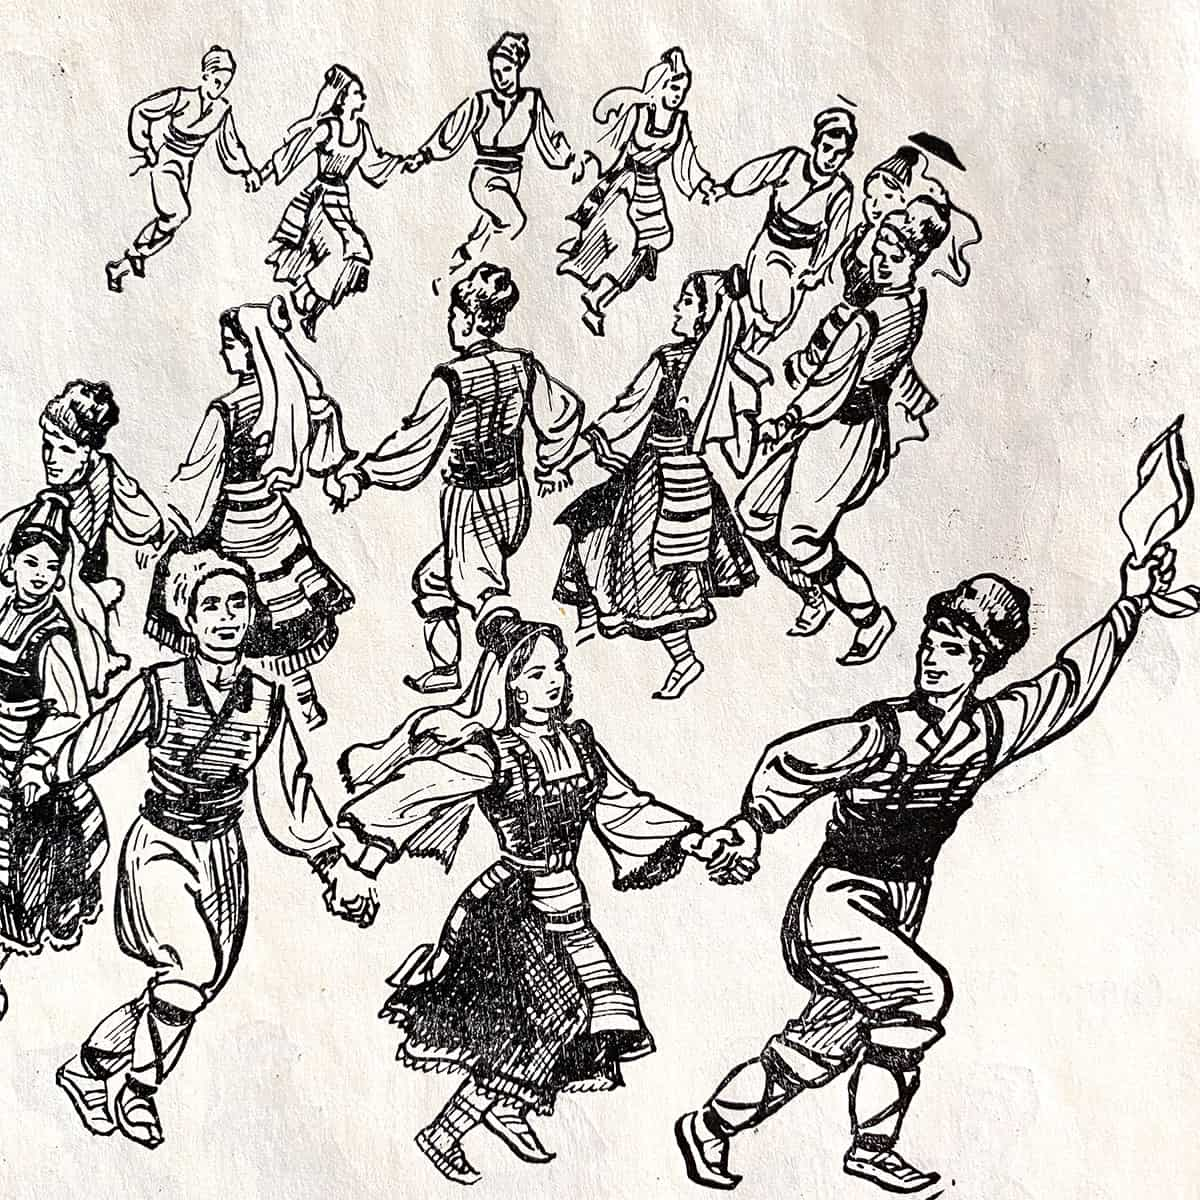 танцуване на Еленино хоро - фигура 3